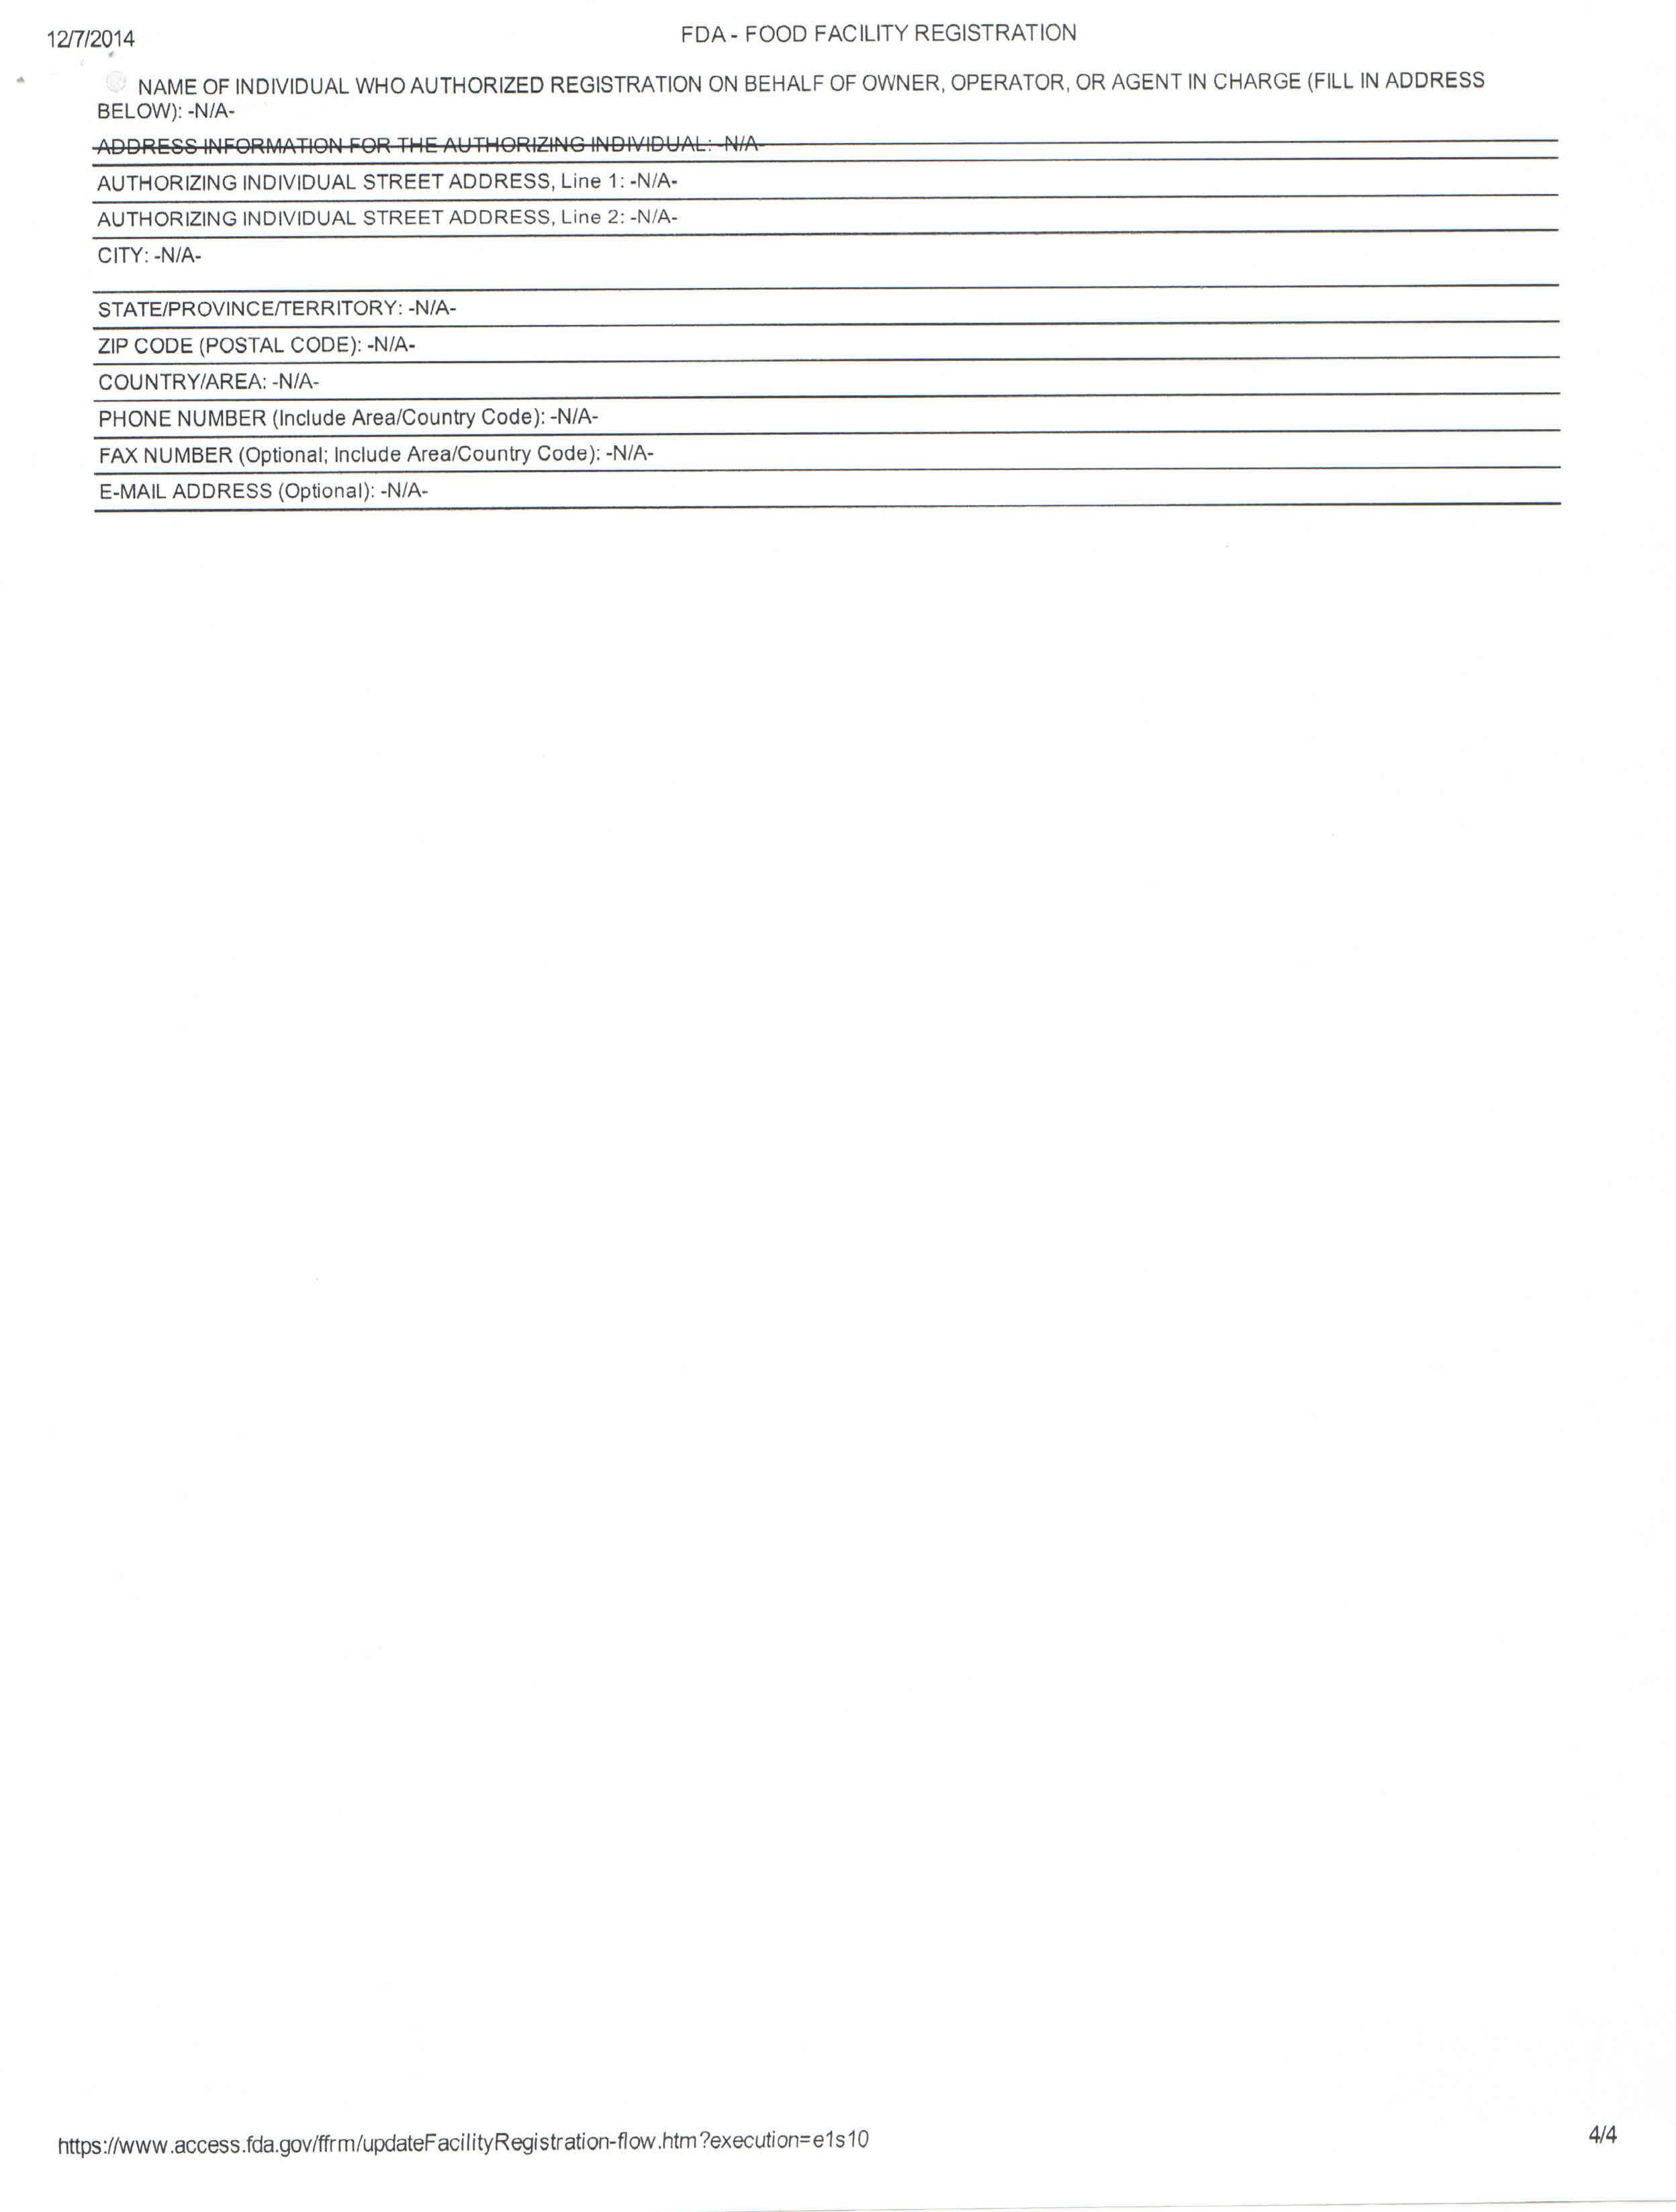 fda-registration3.jpg